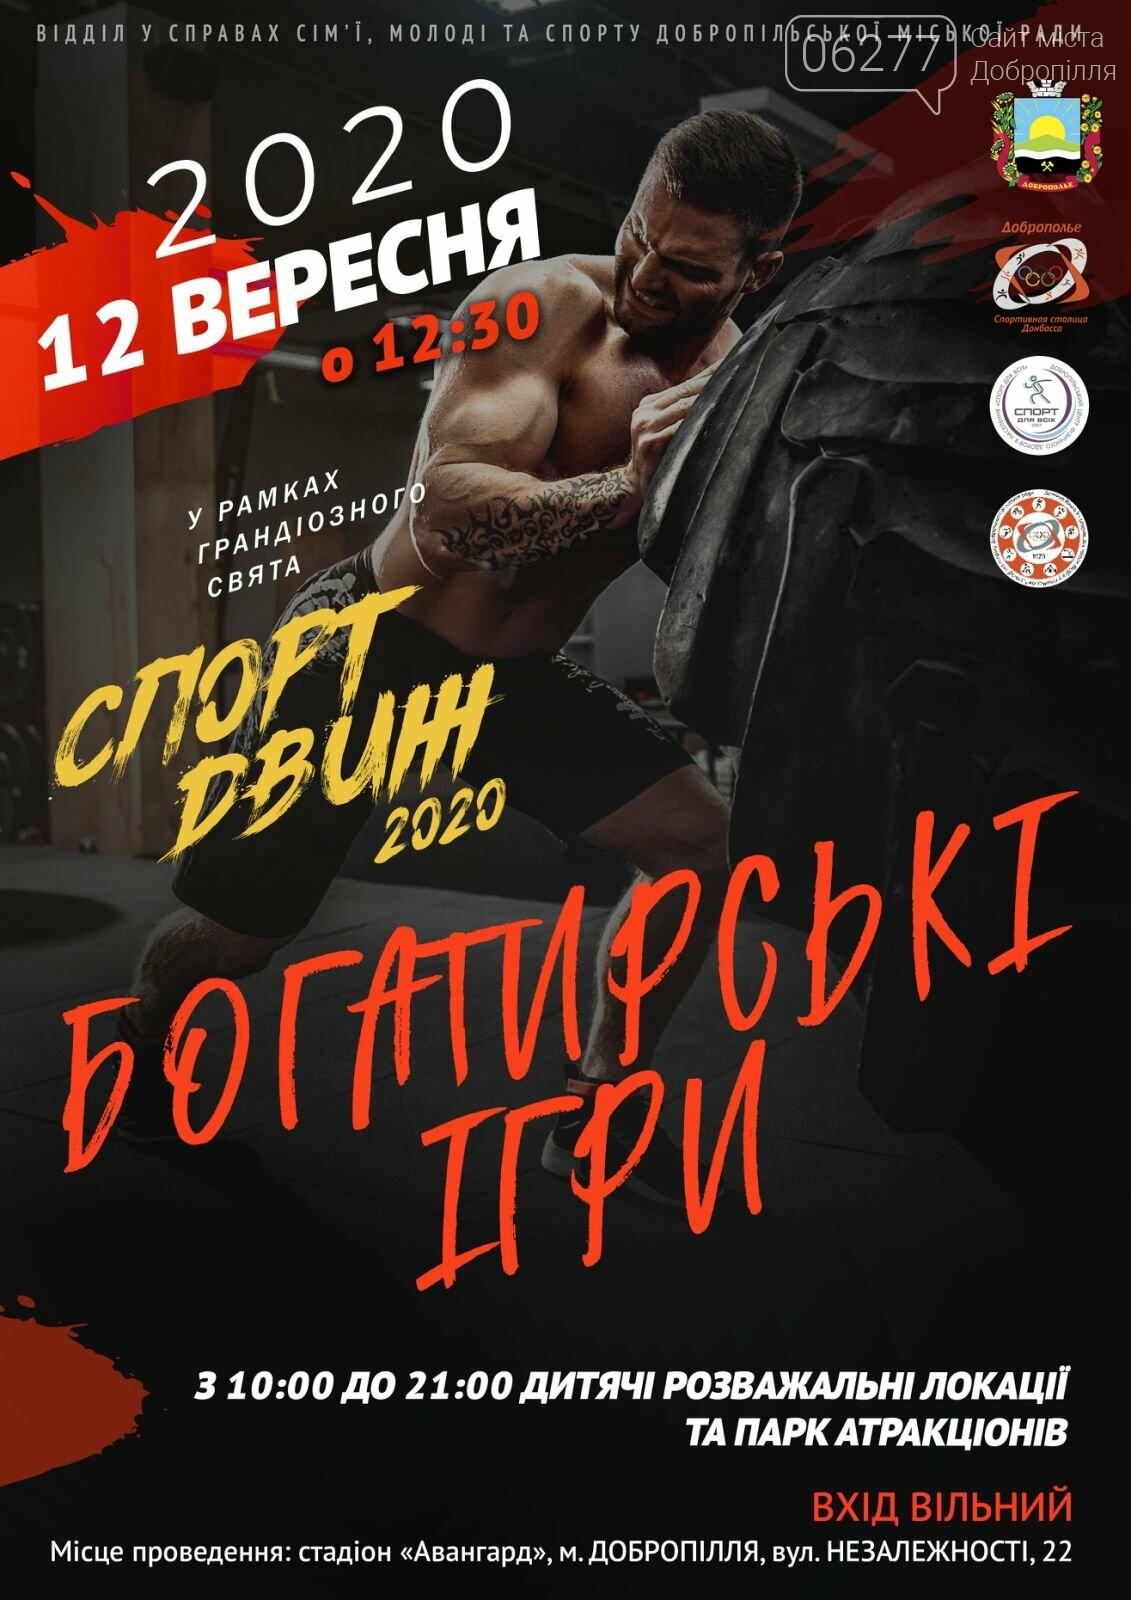 Спортивные выходные в Доброполье: афиша на 12 сентября, фото-2